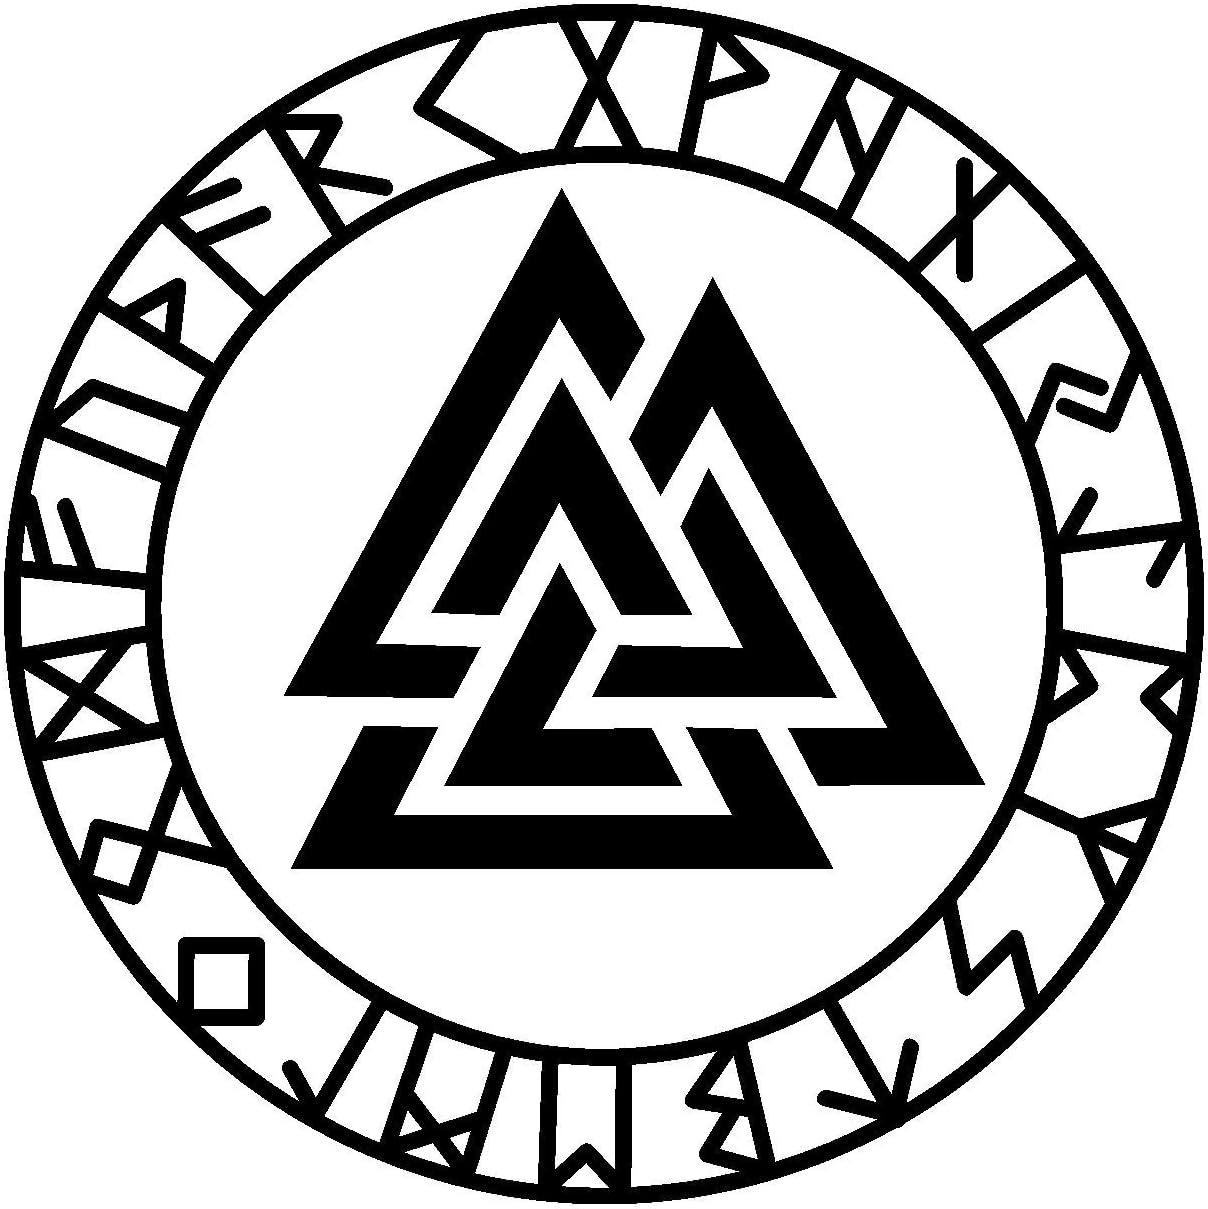 Samunshi Aufkleber Valknut Mit Runen 3 Vikings Wikinger Für Auto Motorrad In 11 Größen Und 25 Farben 10x10cm Schwarz Küche Haushalt